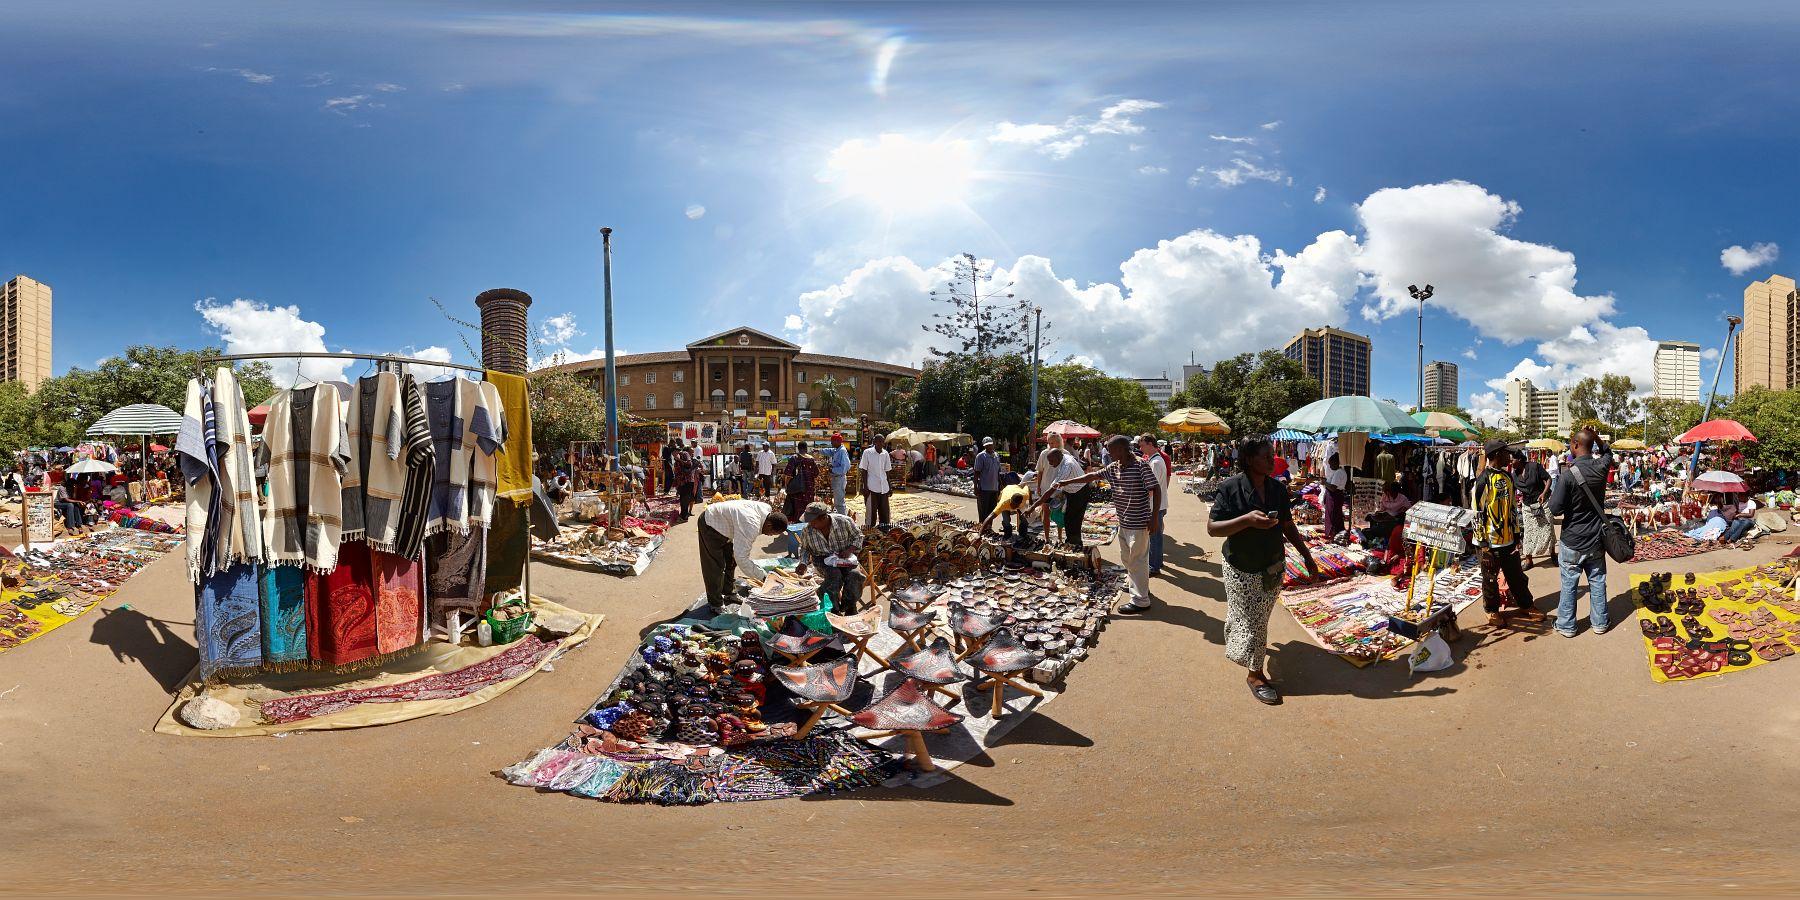 Panorama Kenia Nairobi Markt 4